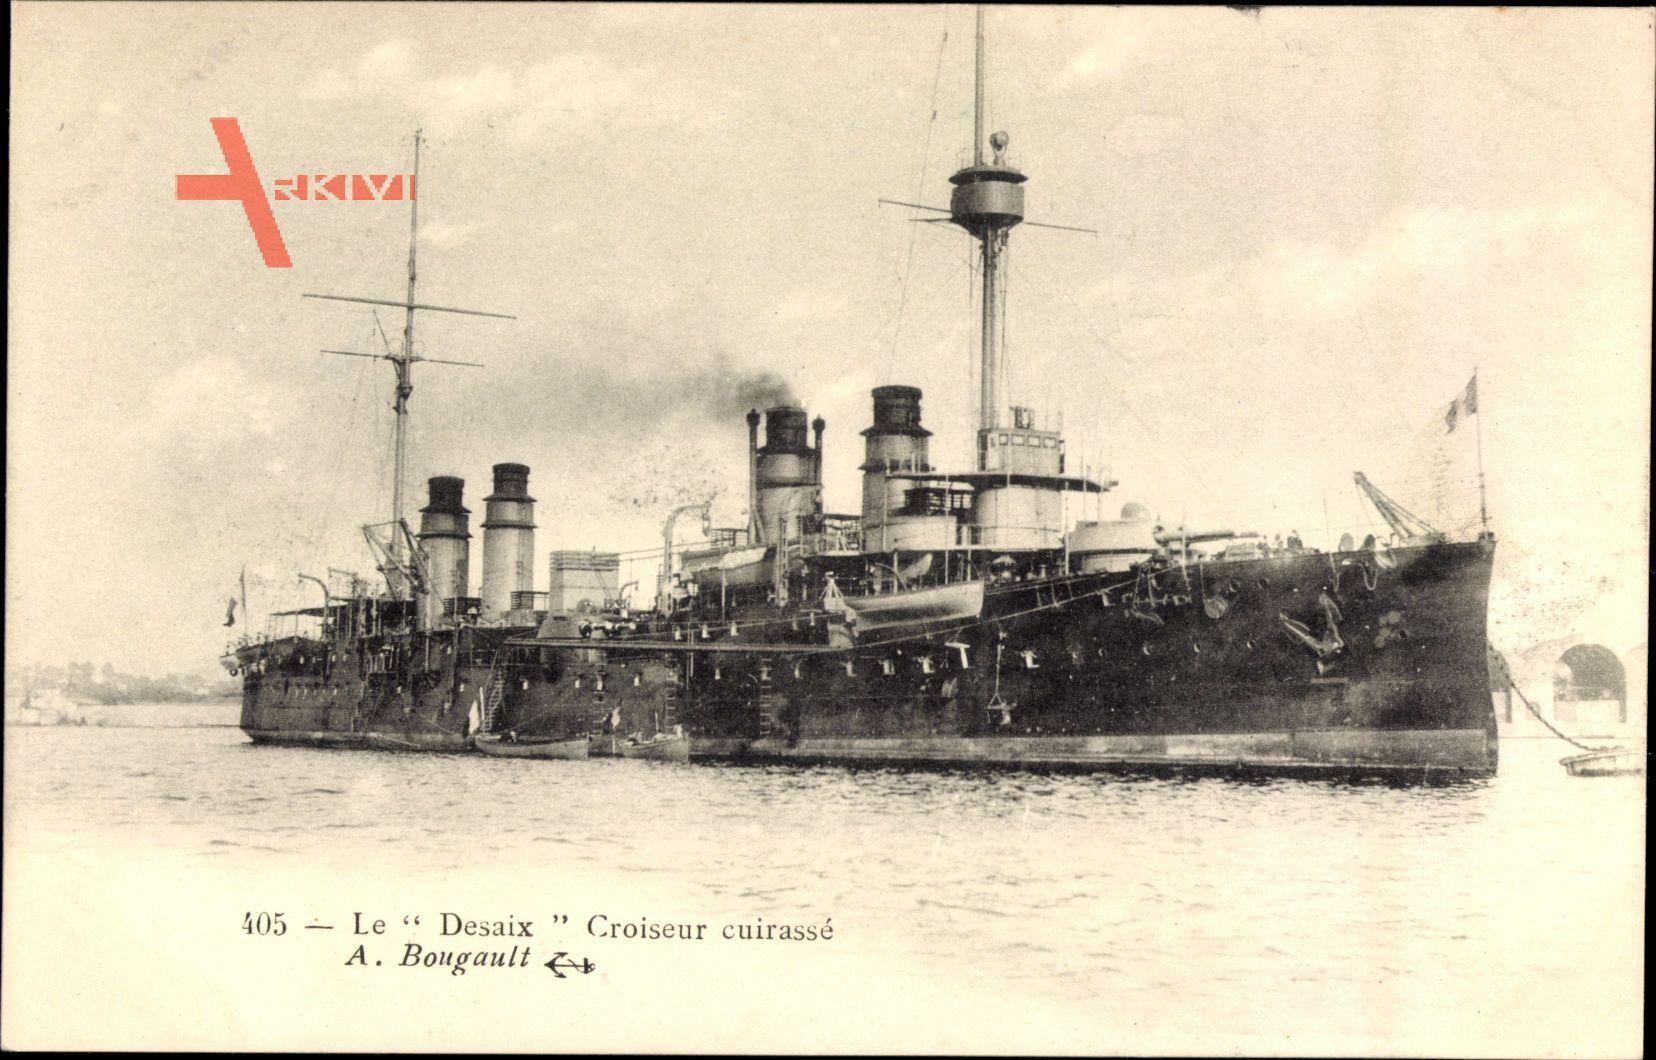 Französisches Kriegsschiff, Desaix, Croiseur cuirassé, Marine Militaire